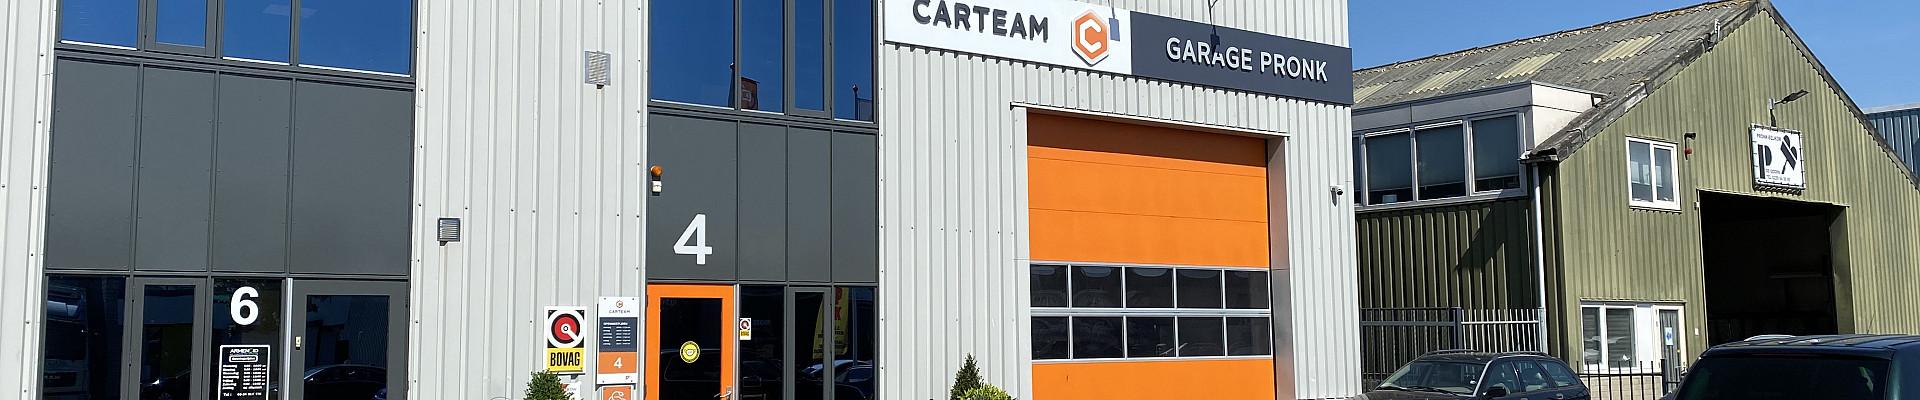 Carteam Garage Pronk